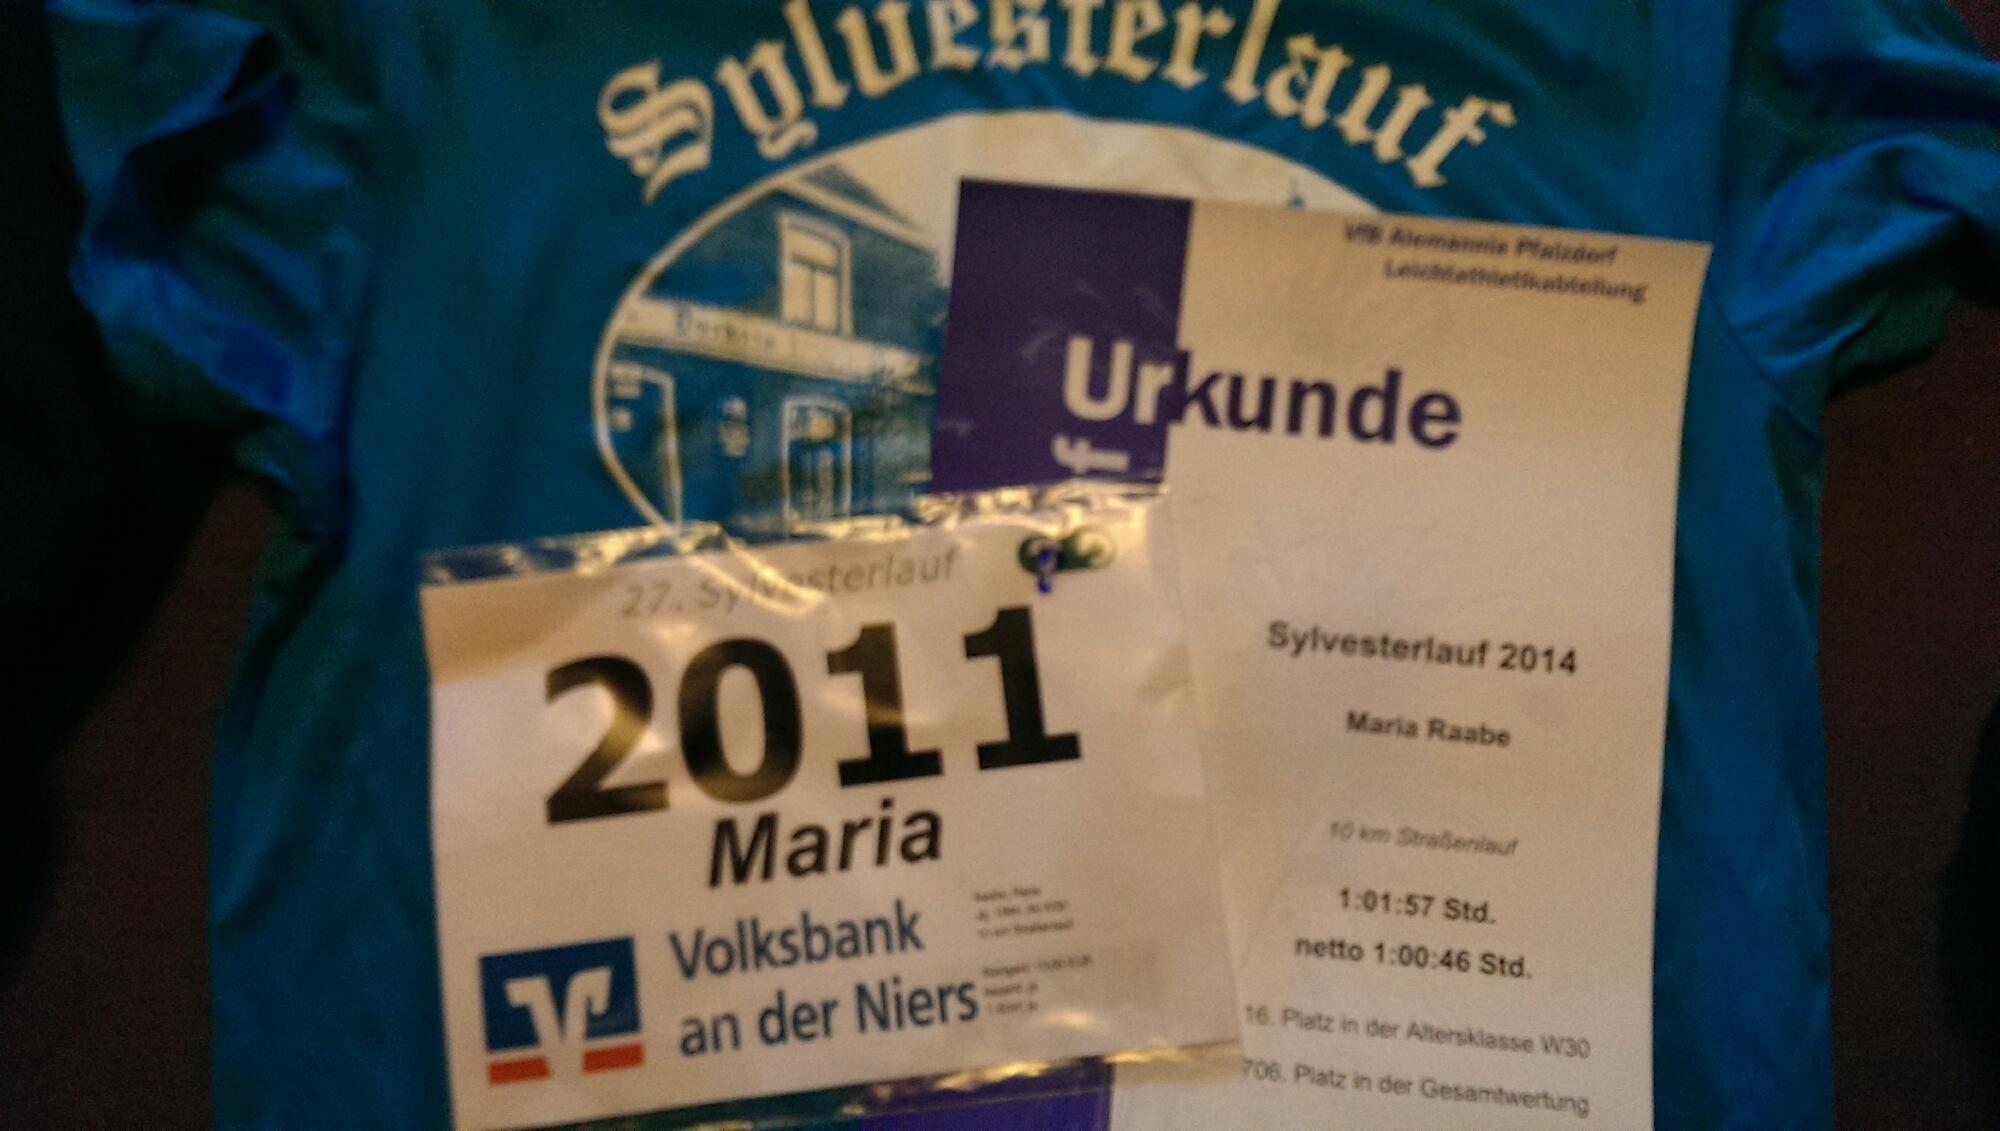 Letzte Teilnahme an einem 10km-Lauf und fast die Stunde geknackt.